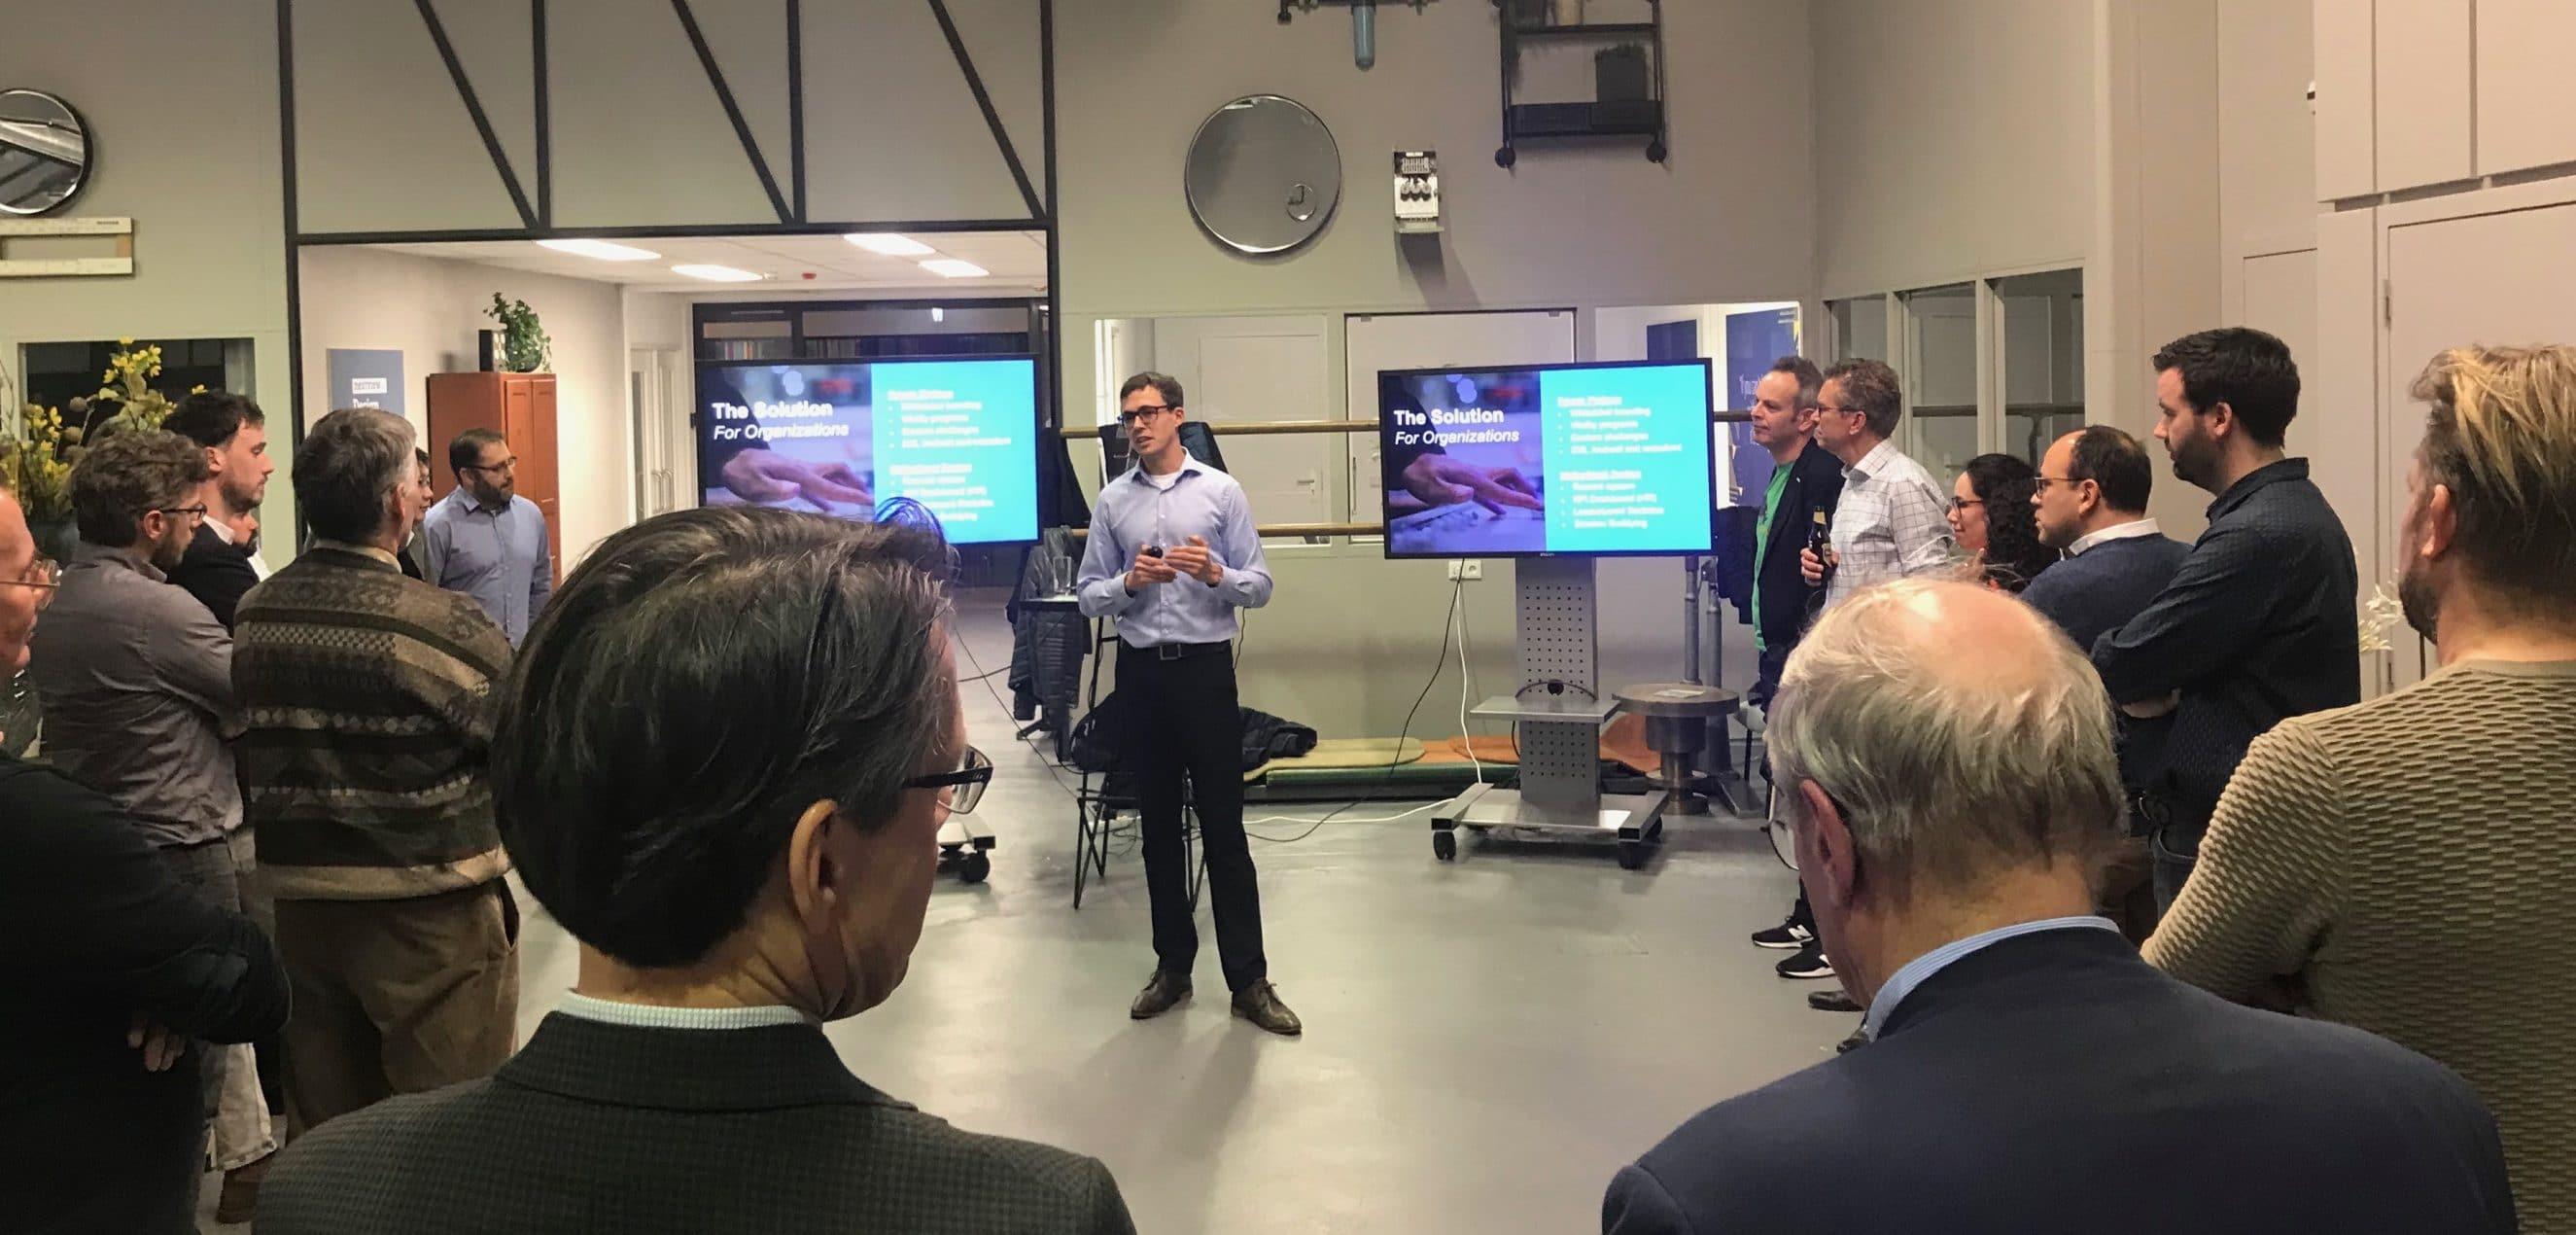 Giel Boes presentatie HTC Plaza